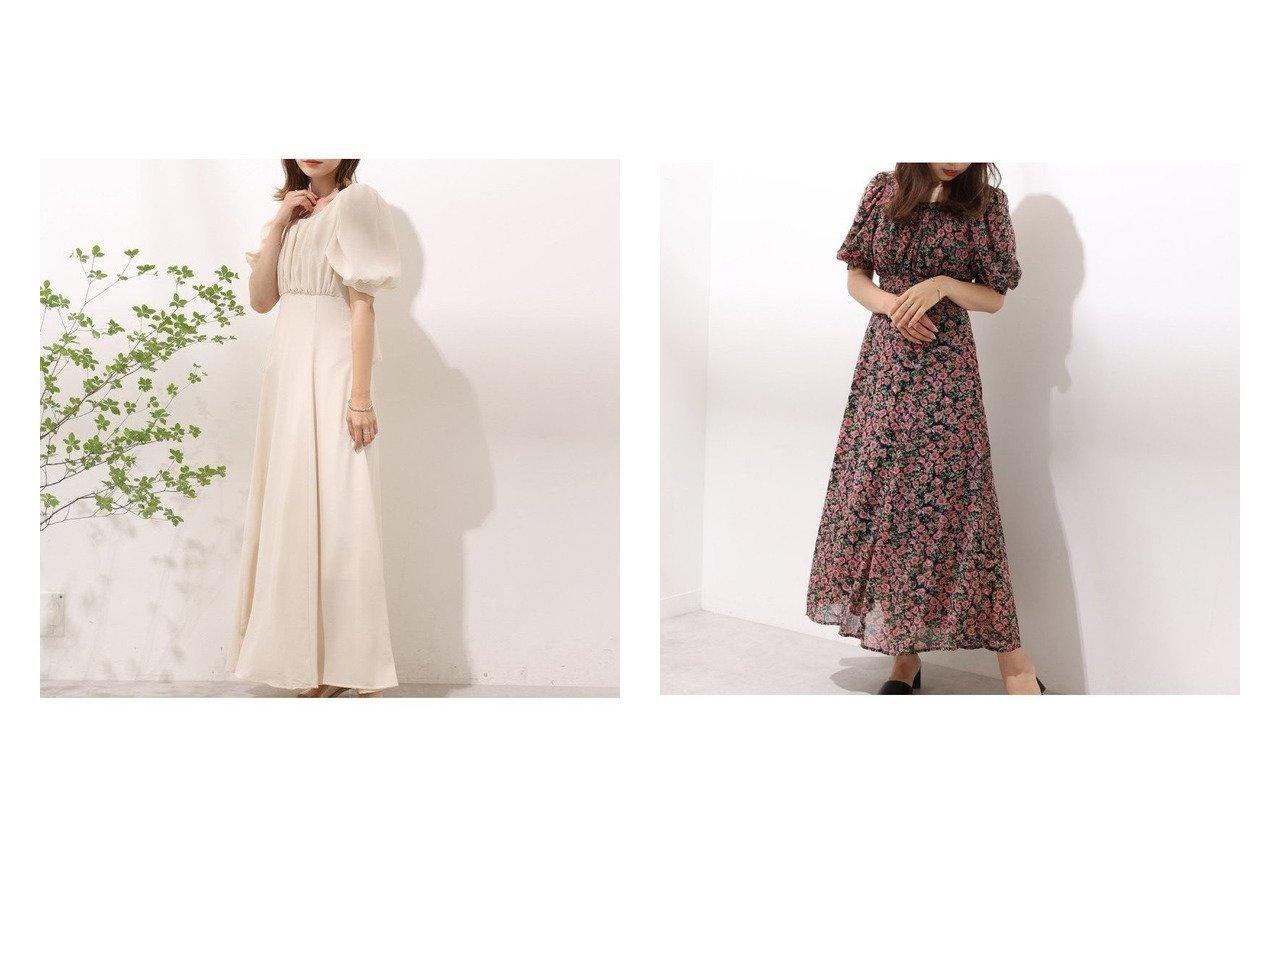 【NICE CLAUP/ナイスクラップ】のバックリボンワンピース おすすめ!人気、トレンド・レディースファッションの通販 おすすめで人気の流行・トレンド、ファッションの通販商品 インテリア・家具・メンズファッション・キッズファッション・レディースファッション・服の通販 founy(ファニー) https://founy.com/ ファッション Fashion レディースファッション WOMEN ワンピース Dress 2021年 2021 2021春夏・S/S SS/Spring/Summer/2021 スリーブ リボン ロング 夏 Summer |ID:crp329100000059891